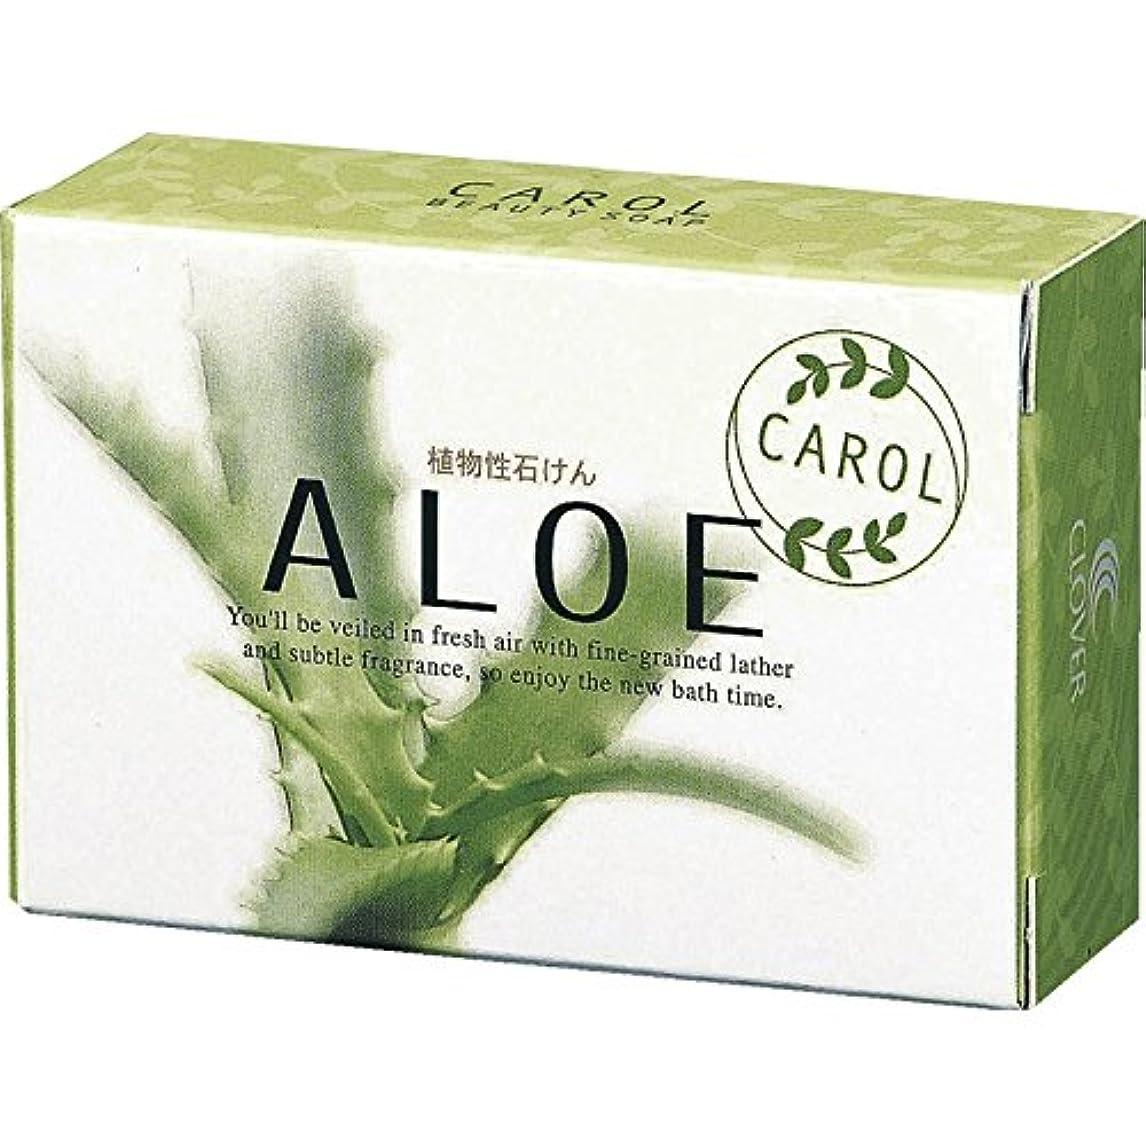 精度重要な役割を果たす、中心的な手段となるメインキャロルアロエソープ 【固形 せっけん 石けん お風呂 きれい いい香り 保湿 全身 ベビー モイスチャー アロエ成分 良い香り 汚れを落とす 80】